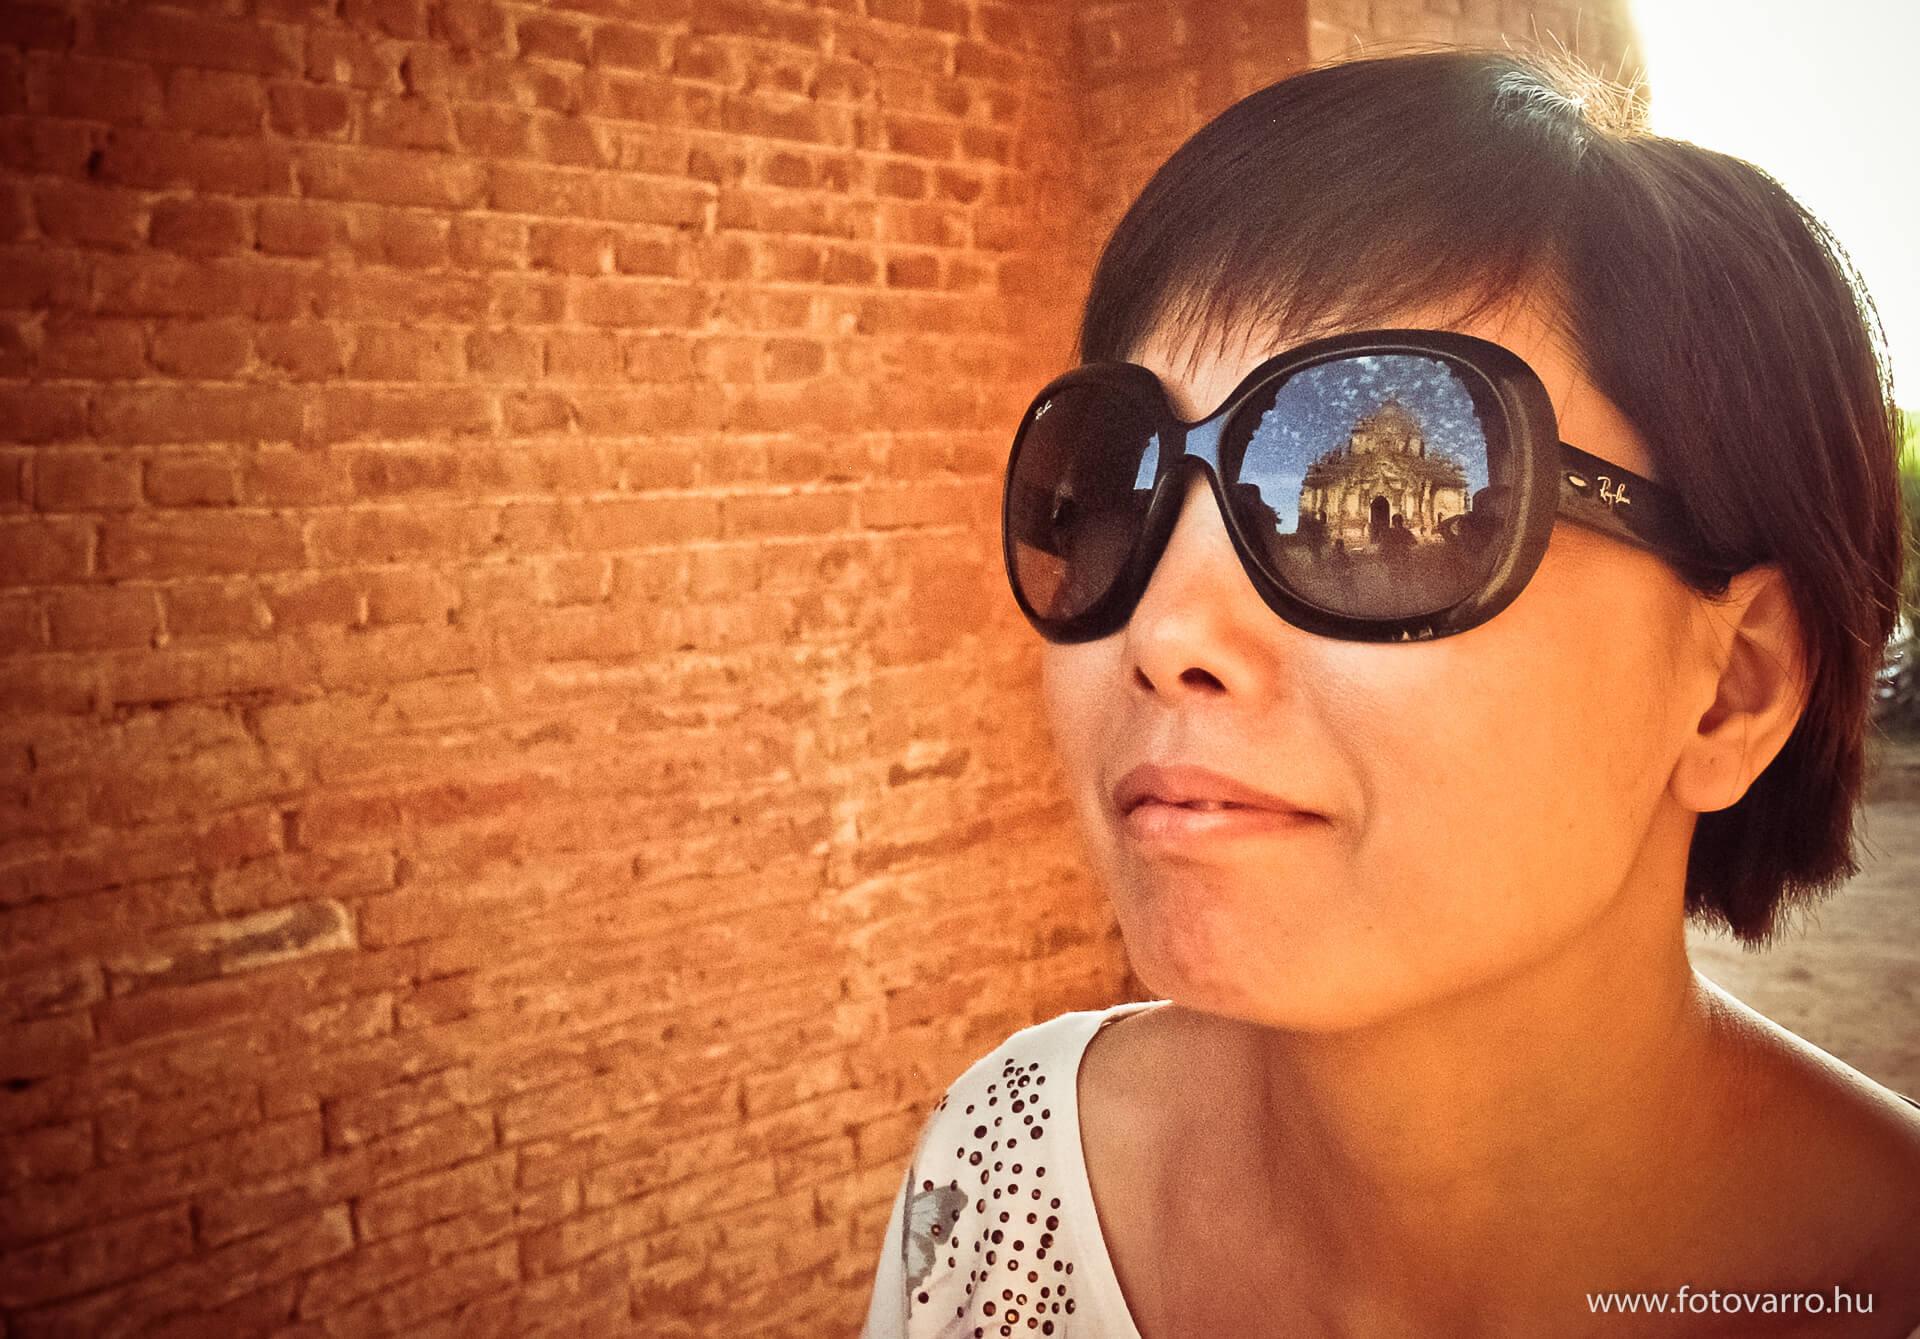 Burma_fotovarro_14